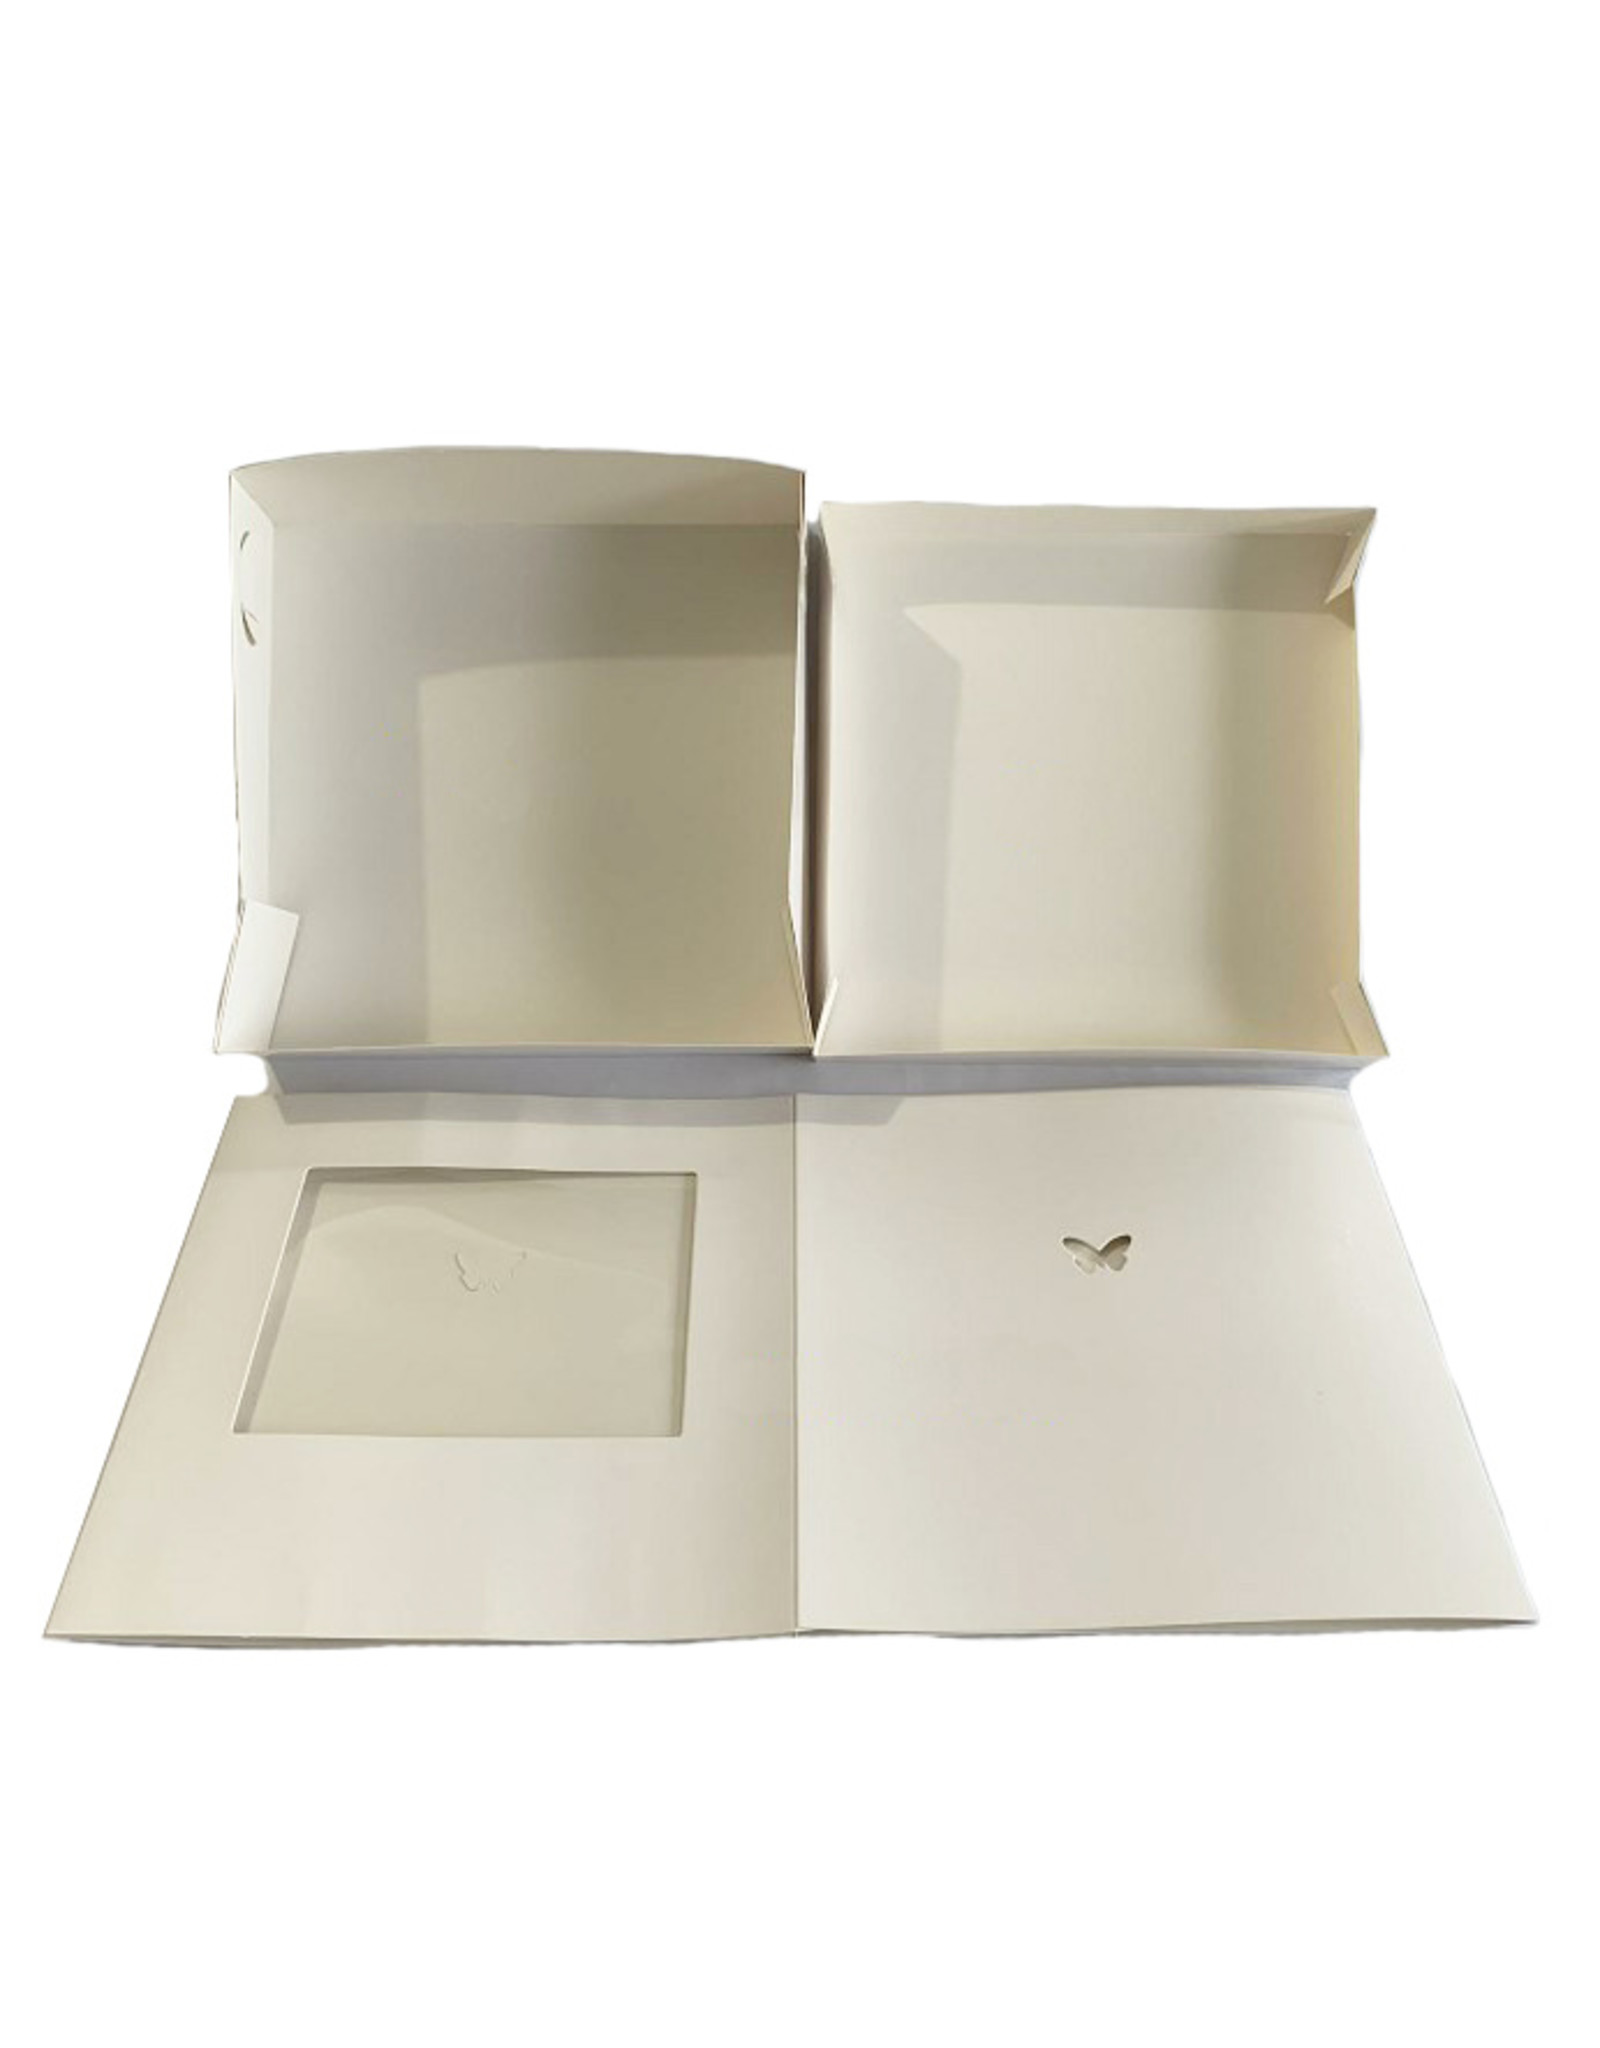 Hoge taartdoos met venster - 254 x 254 x 254 mm (per 10 stuks)